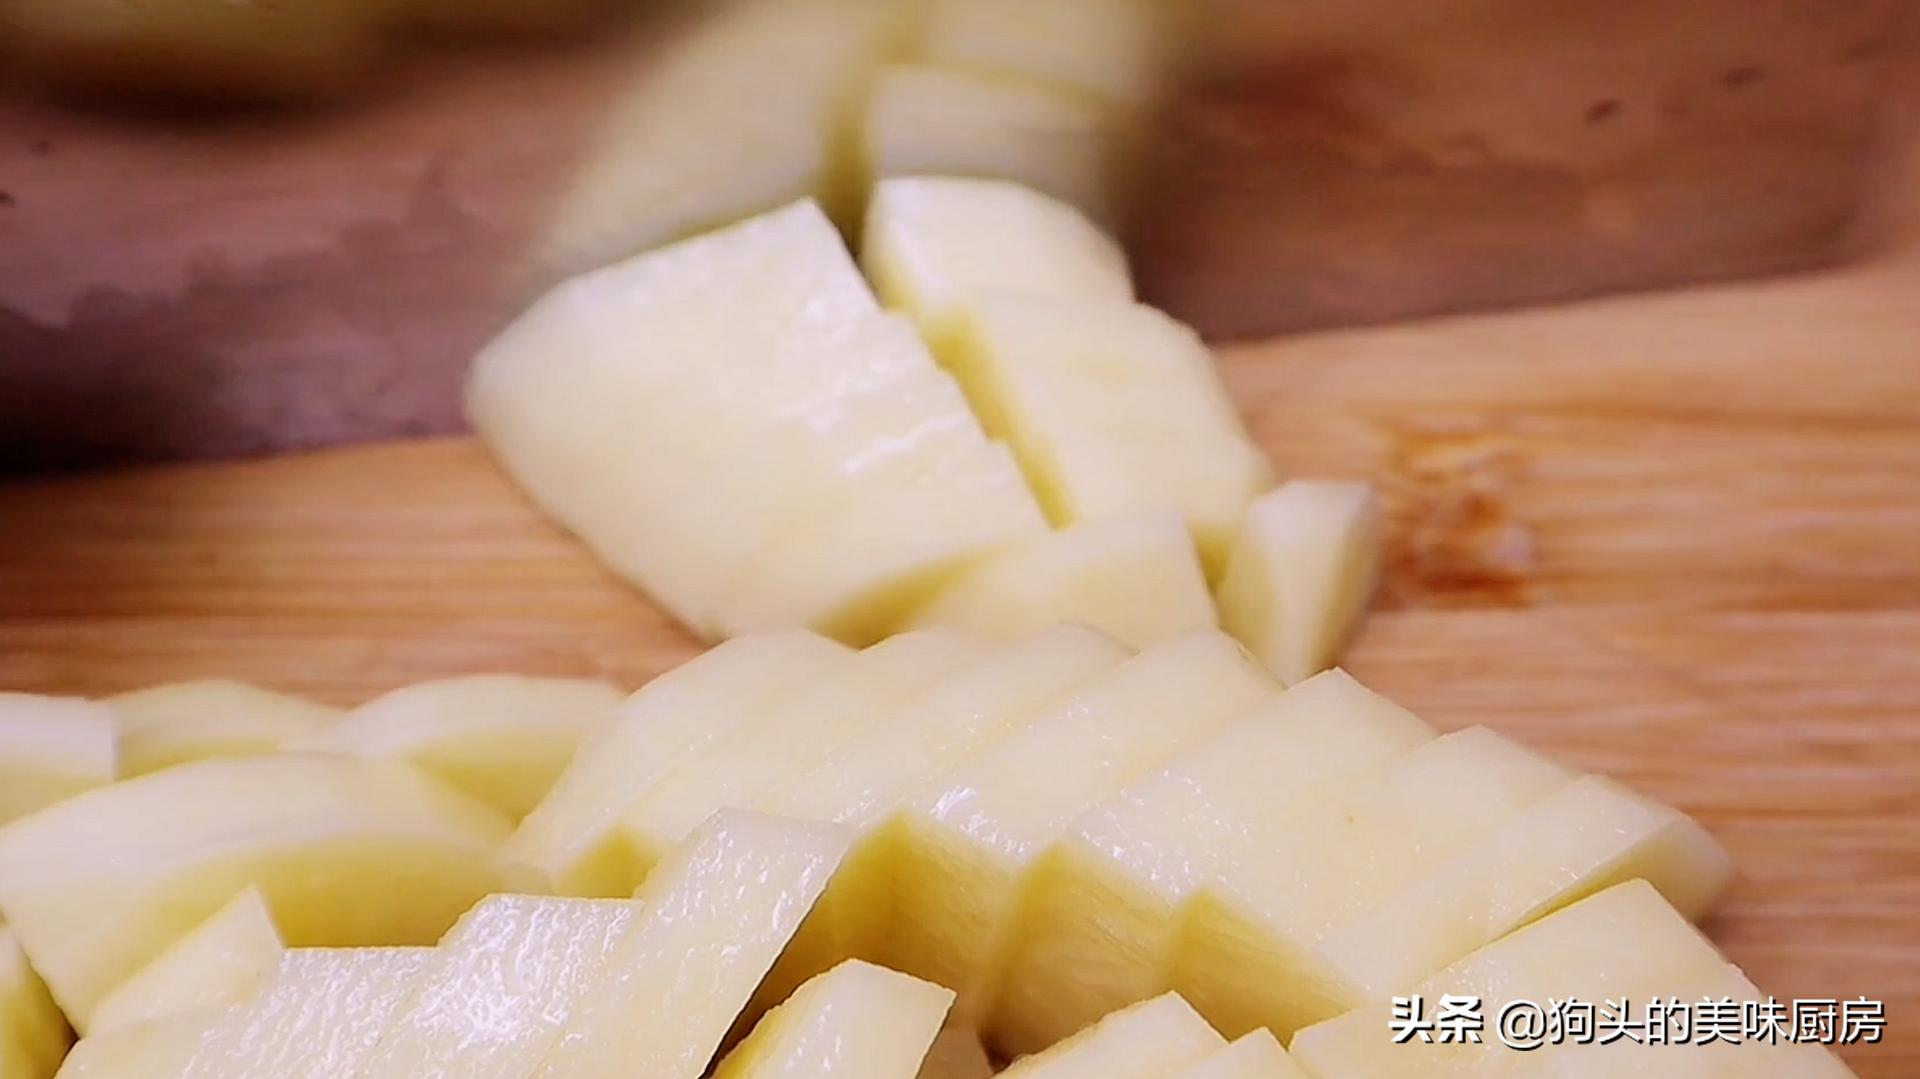 最近土豆很火的做法,不加面粉不加水,咬一口满嘴都是香,真解馋 美食做法 第4张